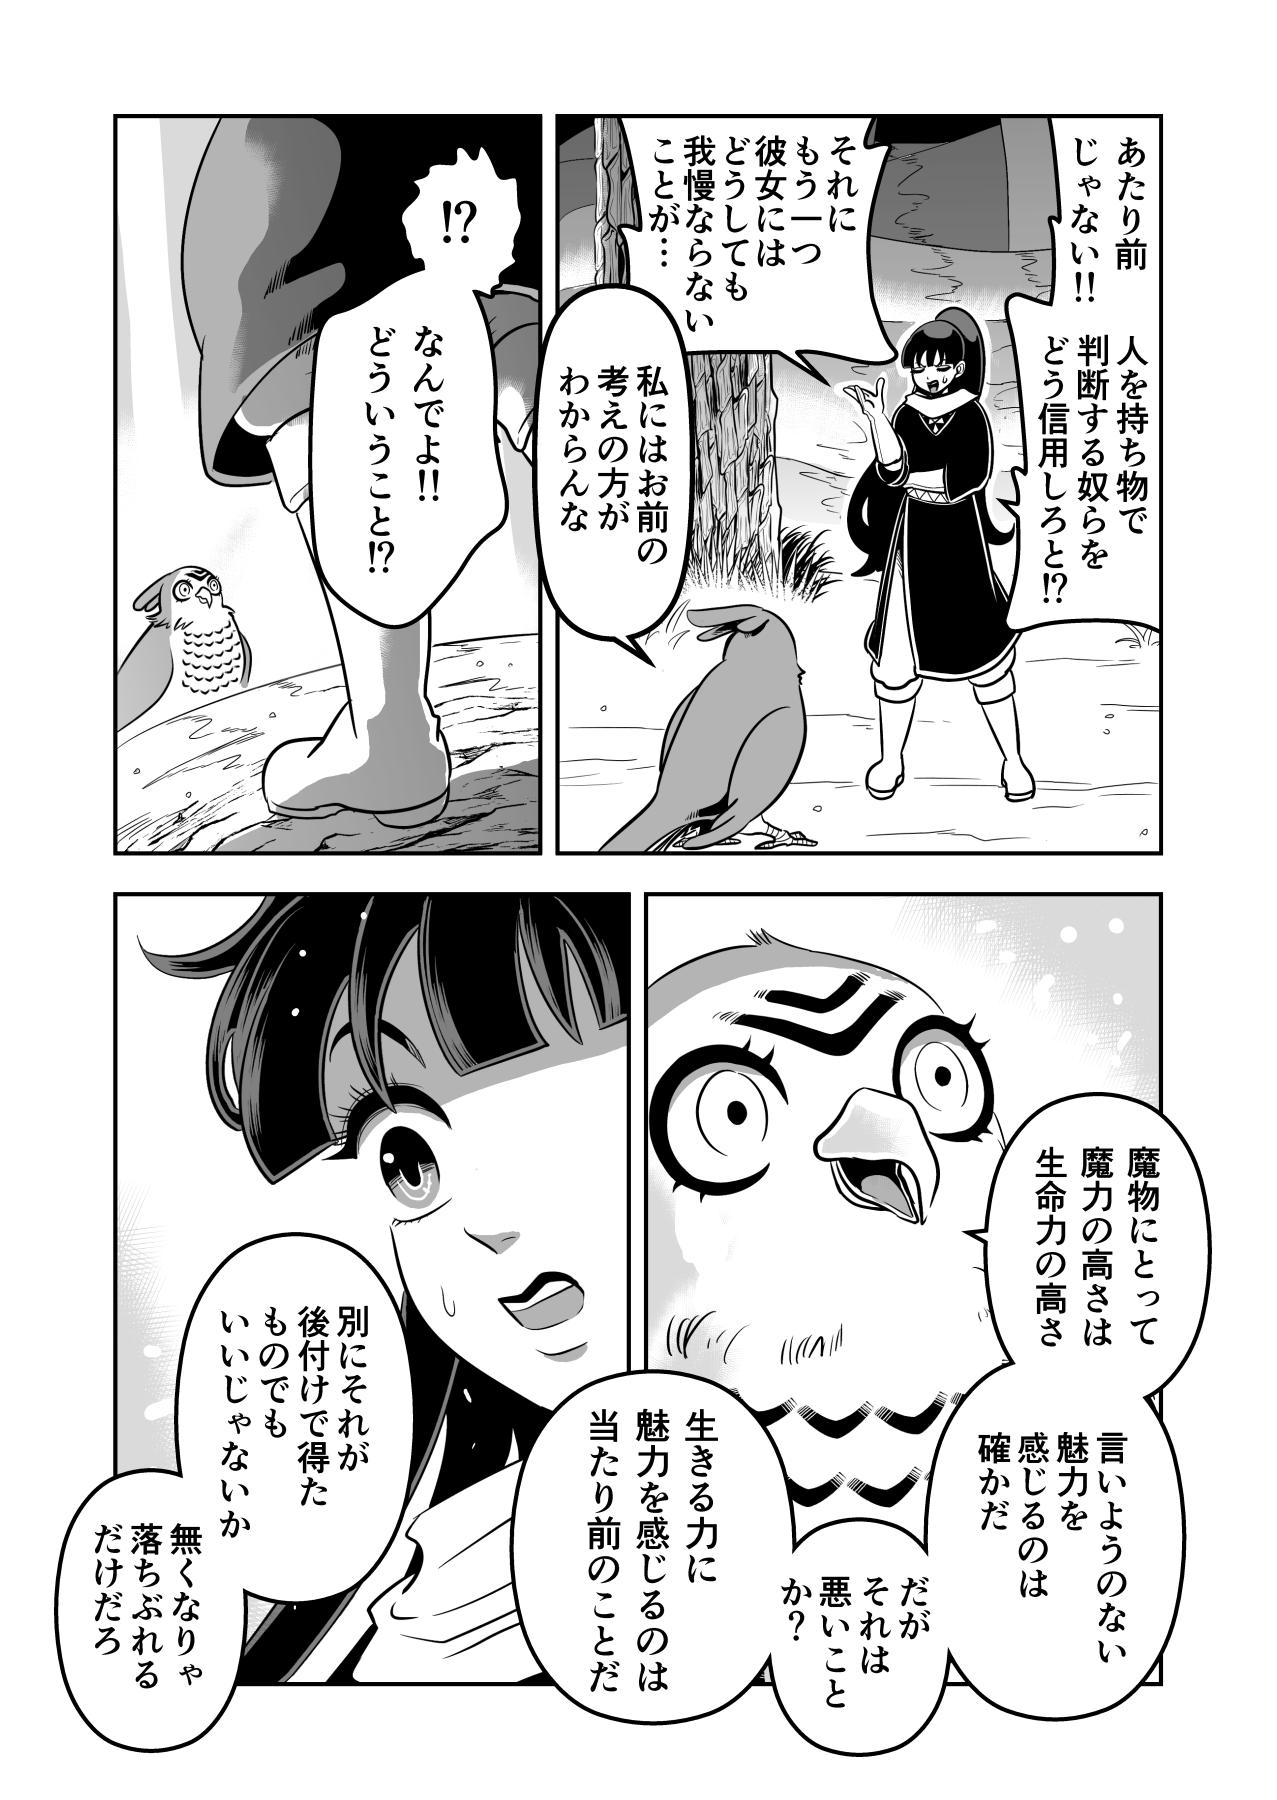 ヤサグレ魔女とグリザベッラと魔女の使い魔0086